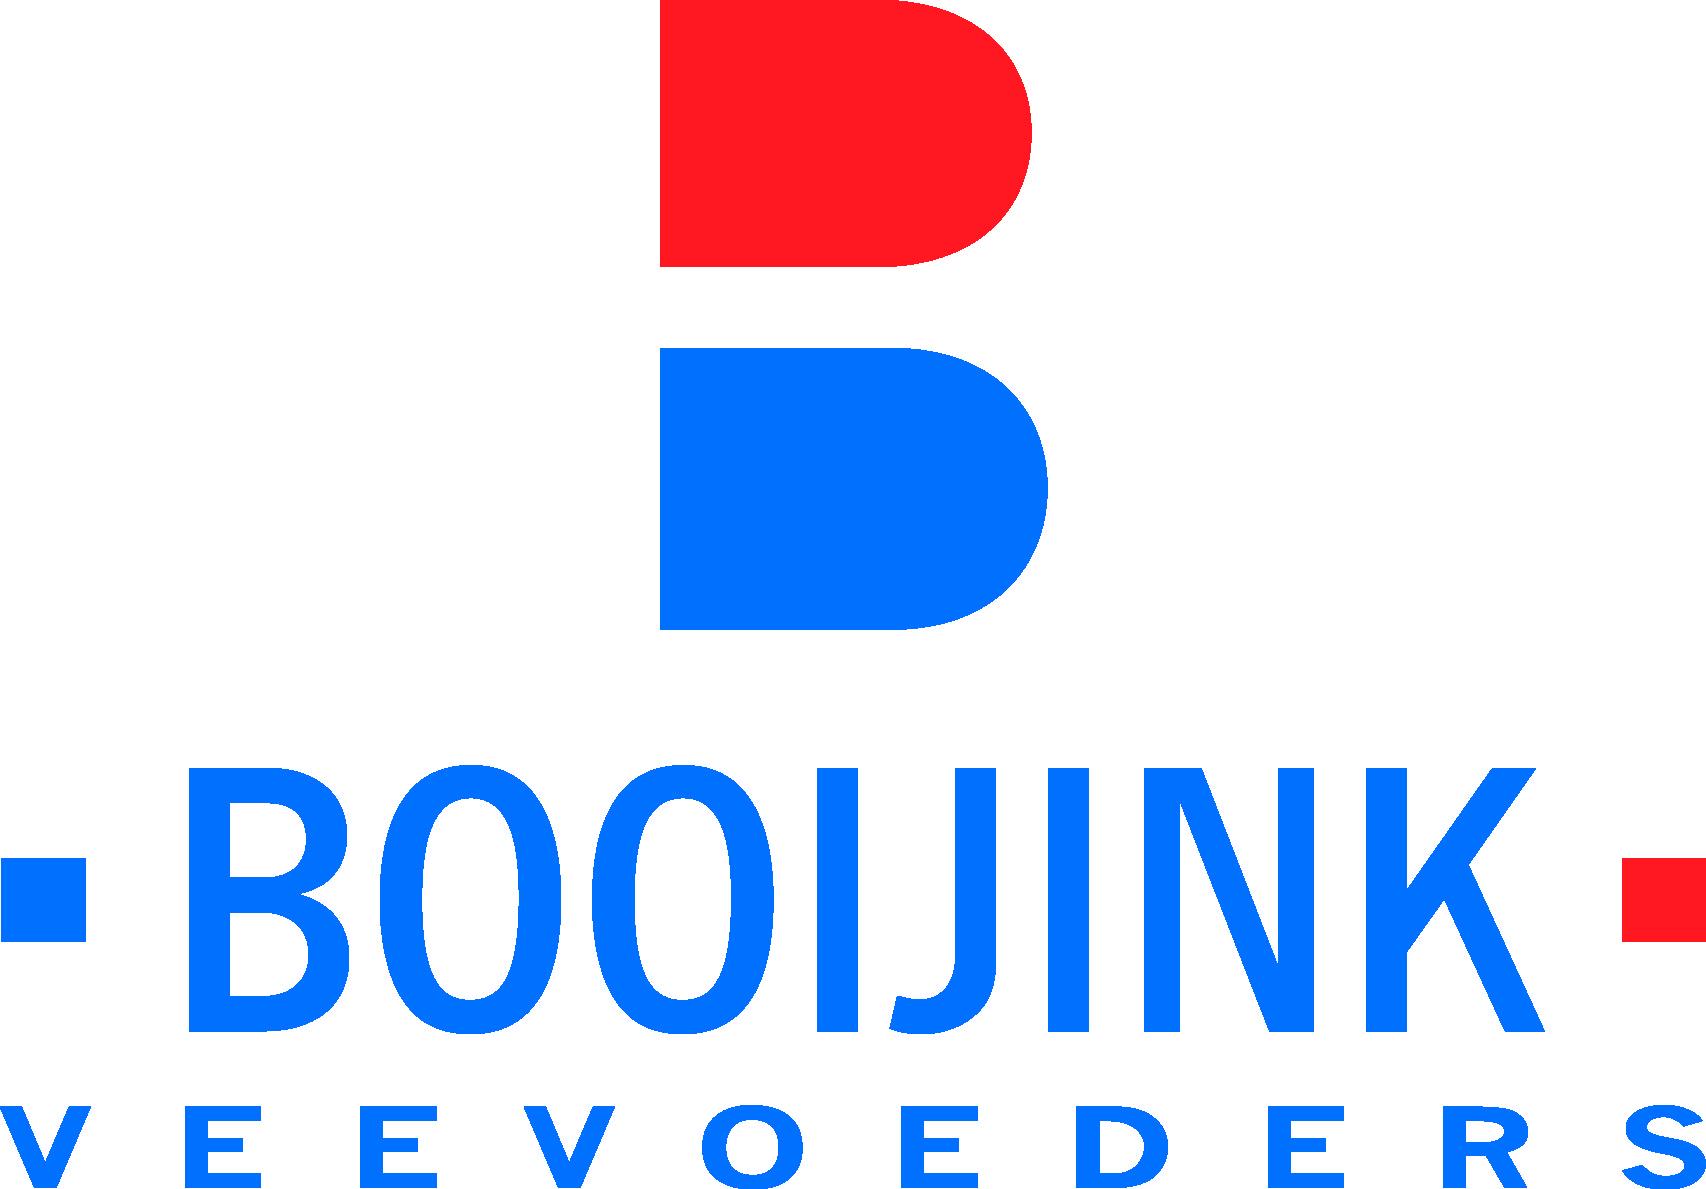 Booijink Veevoeders B.V.